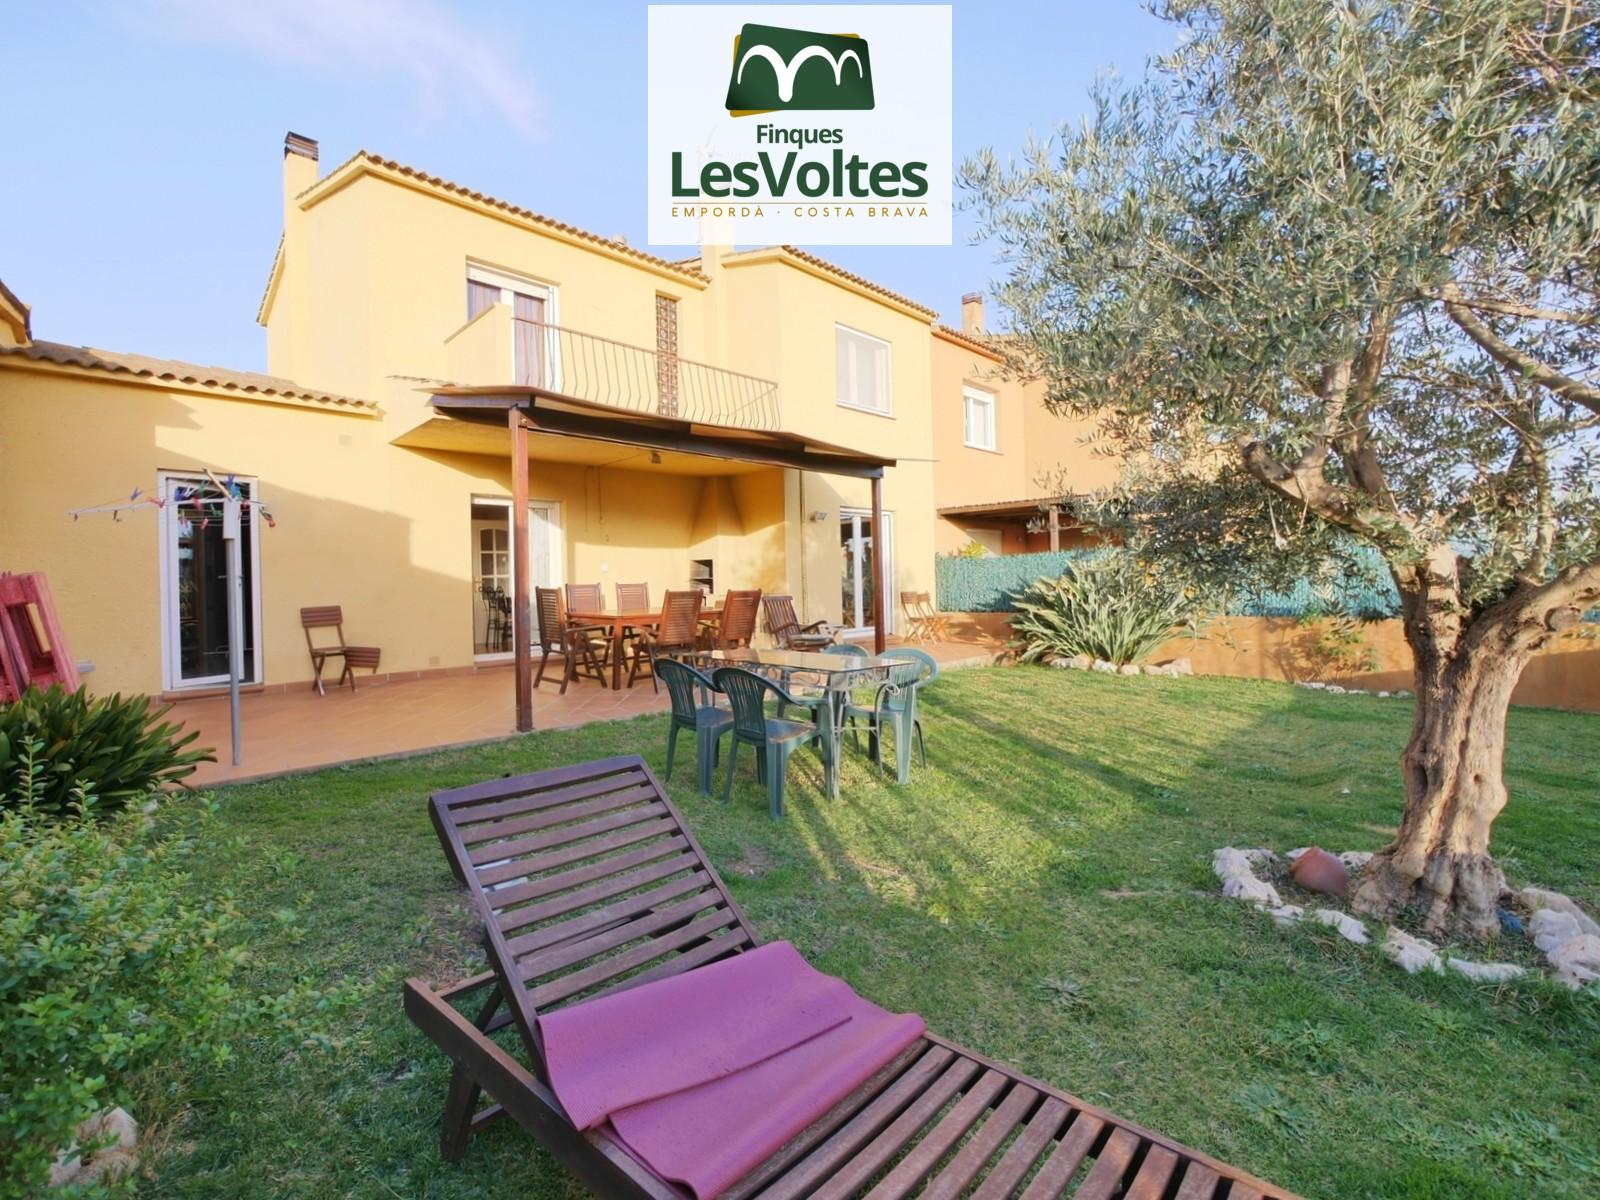 Casa amb gran jardí i garatge en venda a Montras.